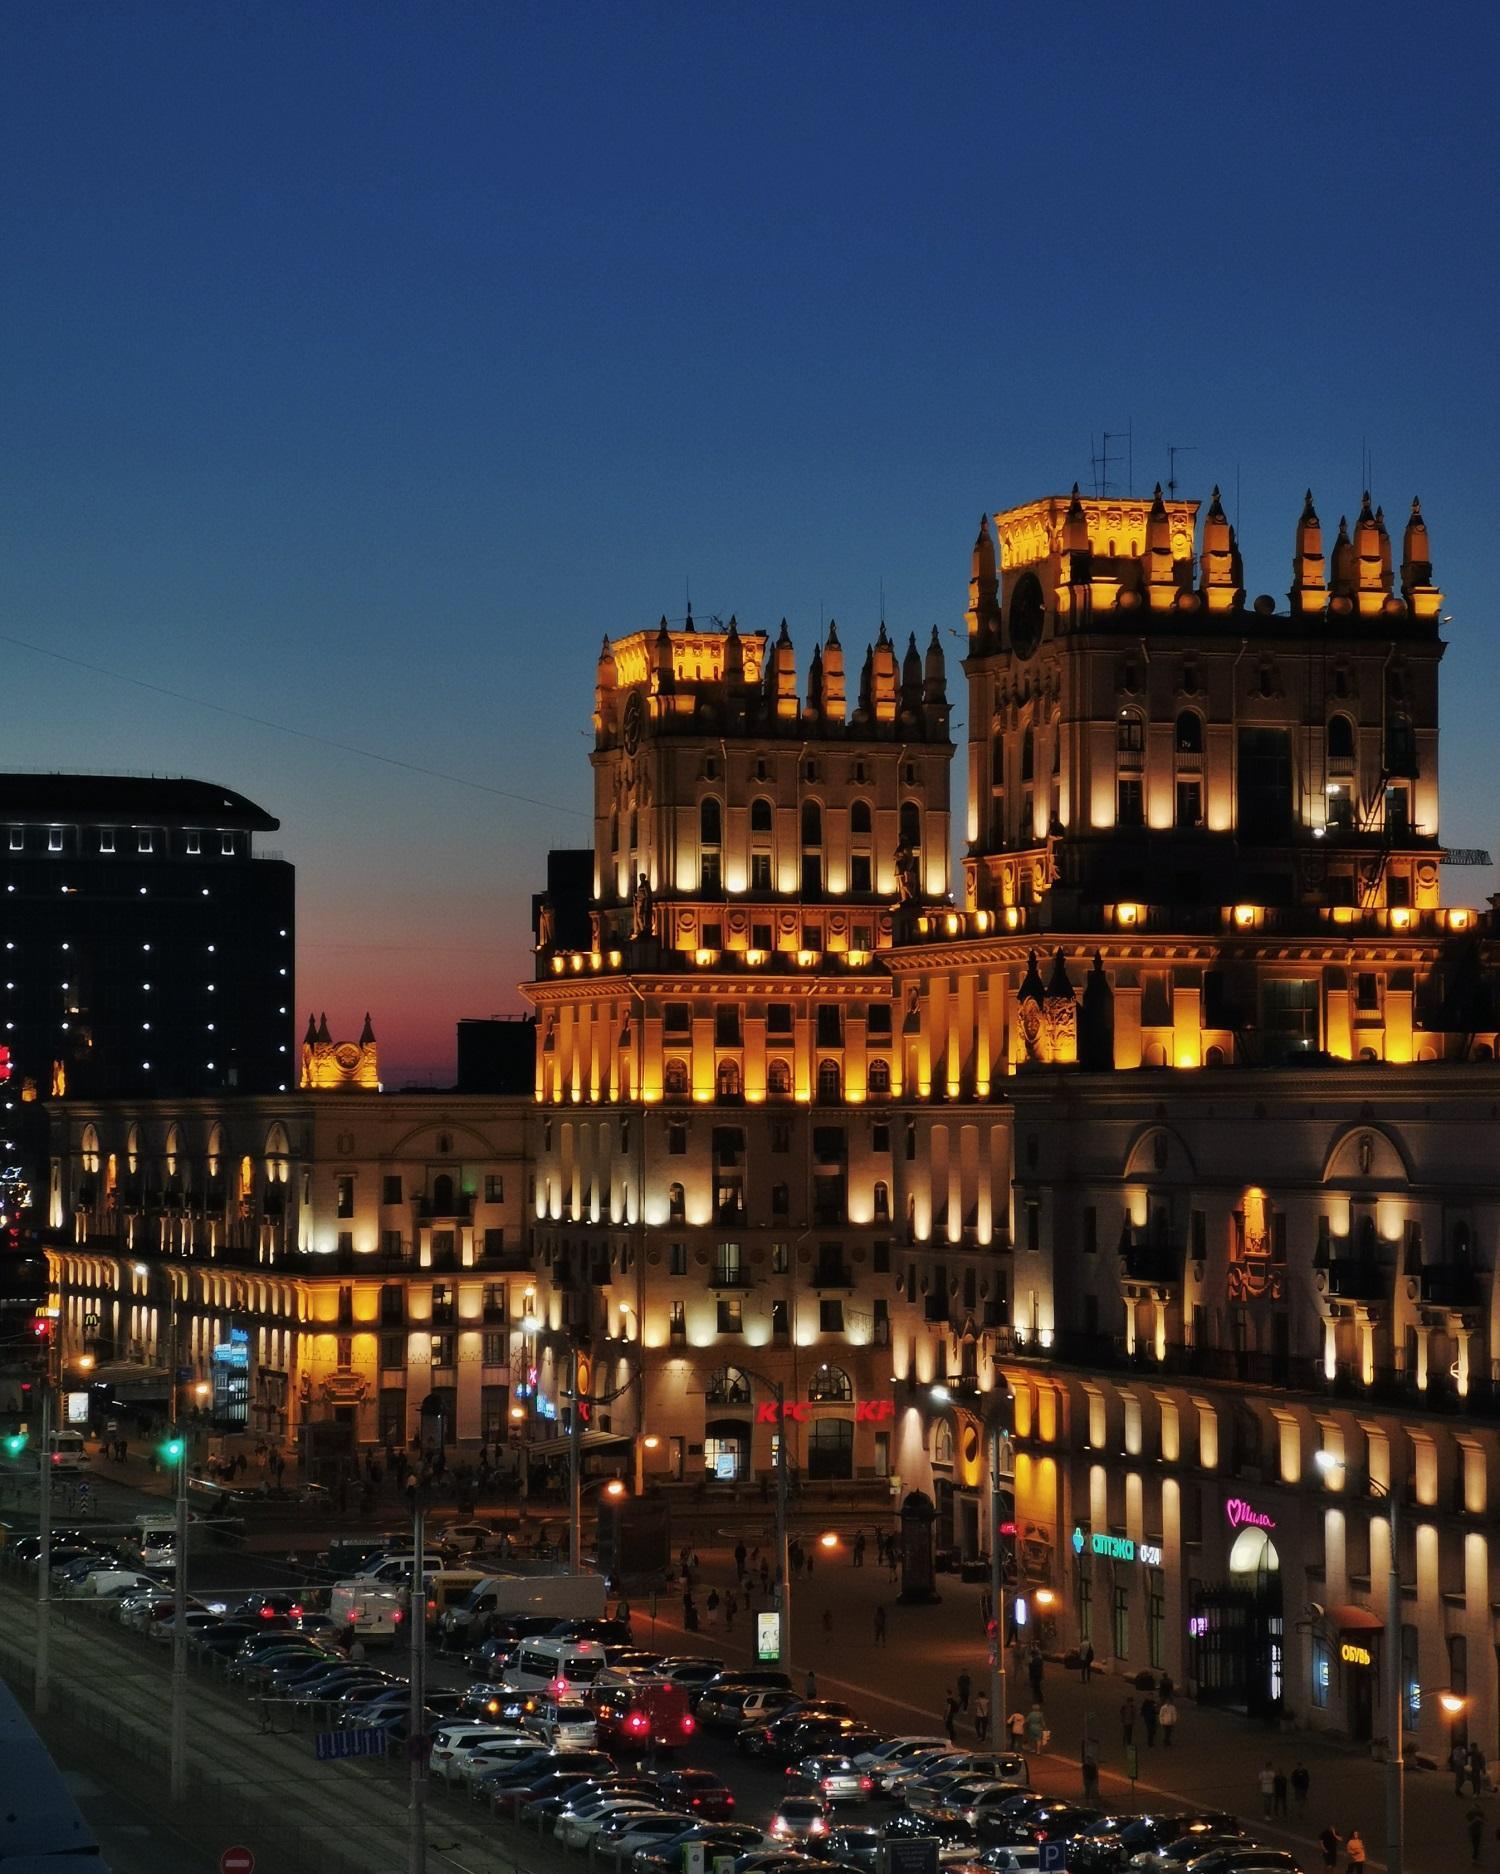 Вокзал. Самые фотогеничные локации Минска